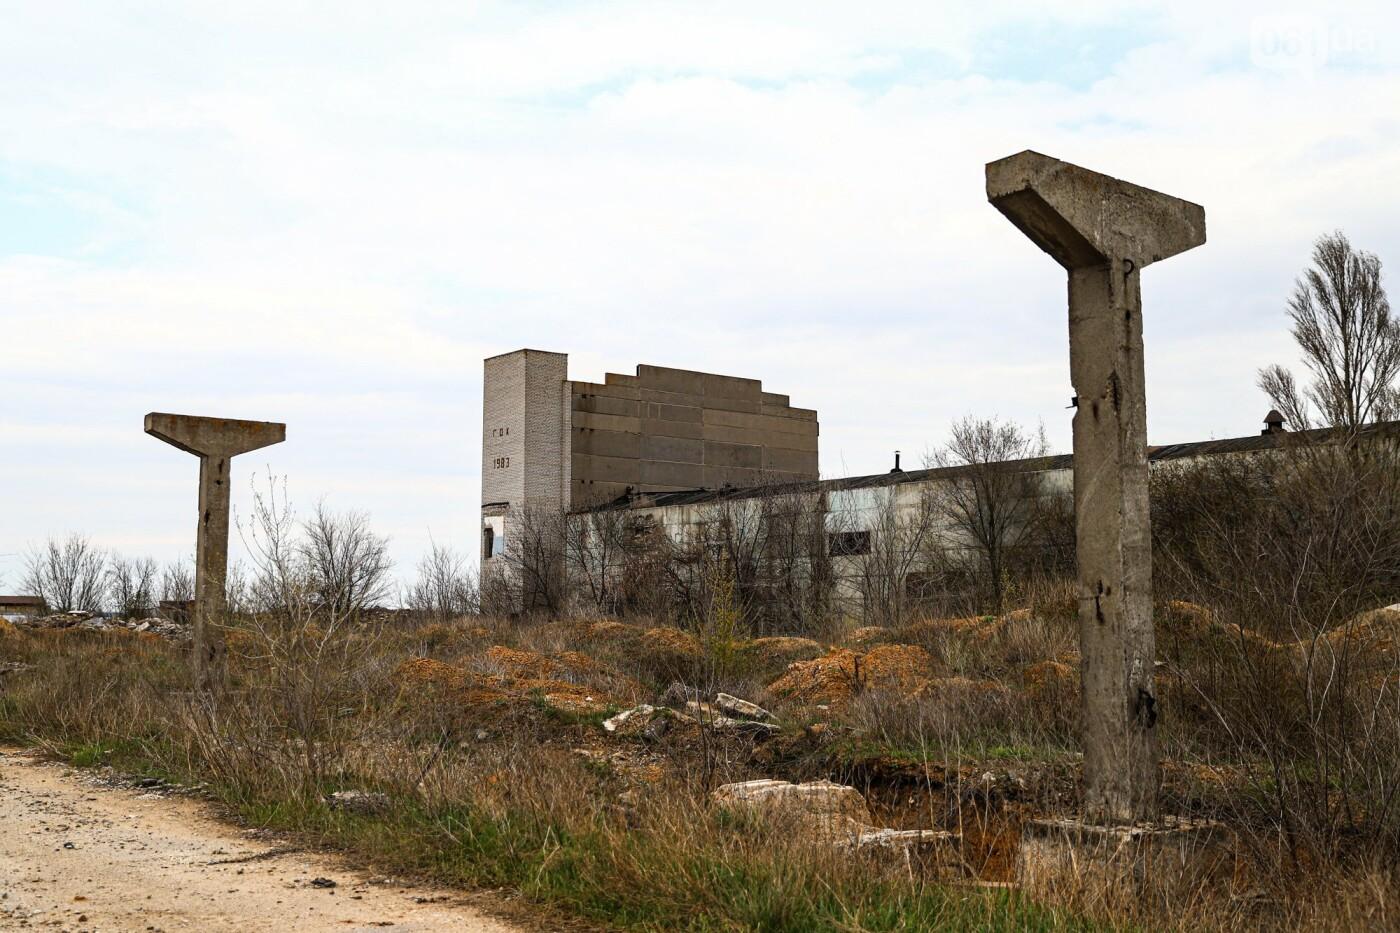 В Степногорске пытаются разобрать на металлолом шахту - промплощадка ГОКа превратилась в руины, - ФОТОРЕПОРТАЖ , фото-23